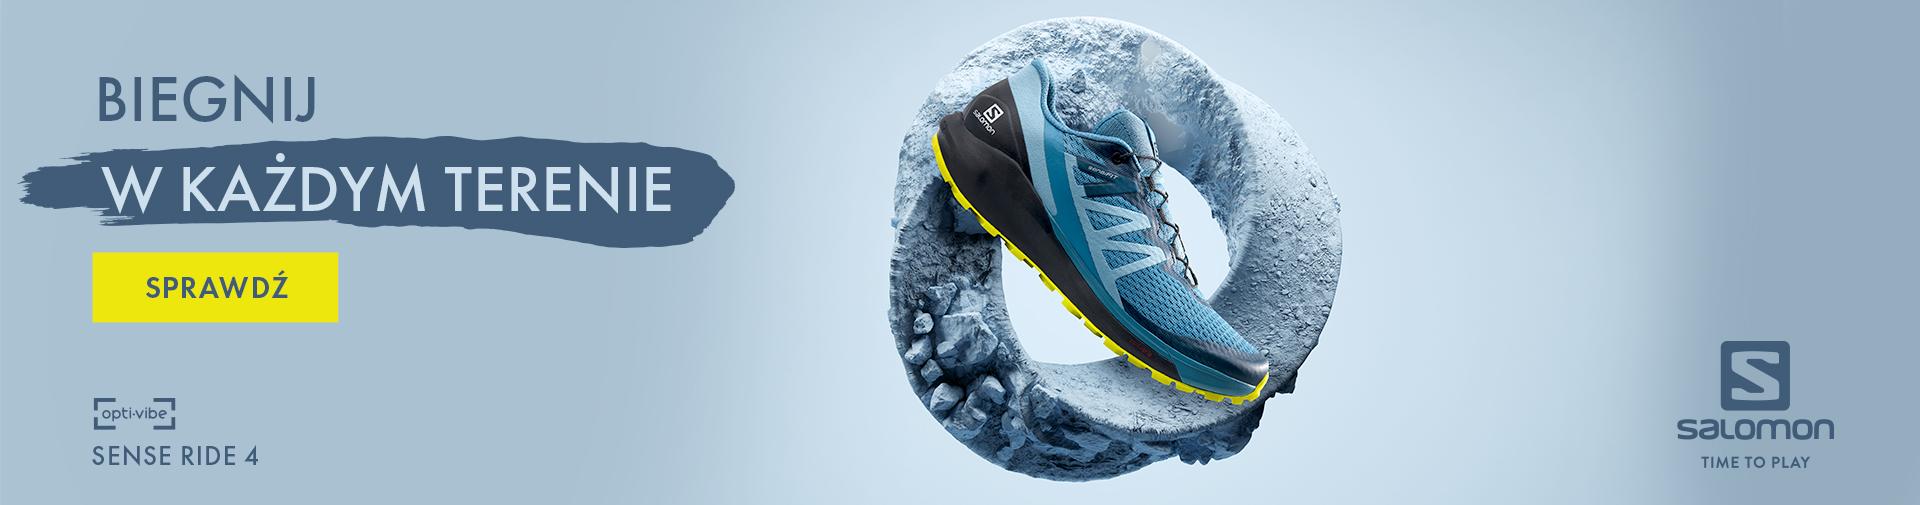 Nowy model butów do biegania Salomon Sense Ride 4. Uniwersalne buty do biegania w terenie i po asfalcie